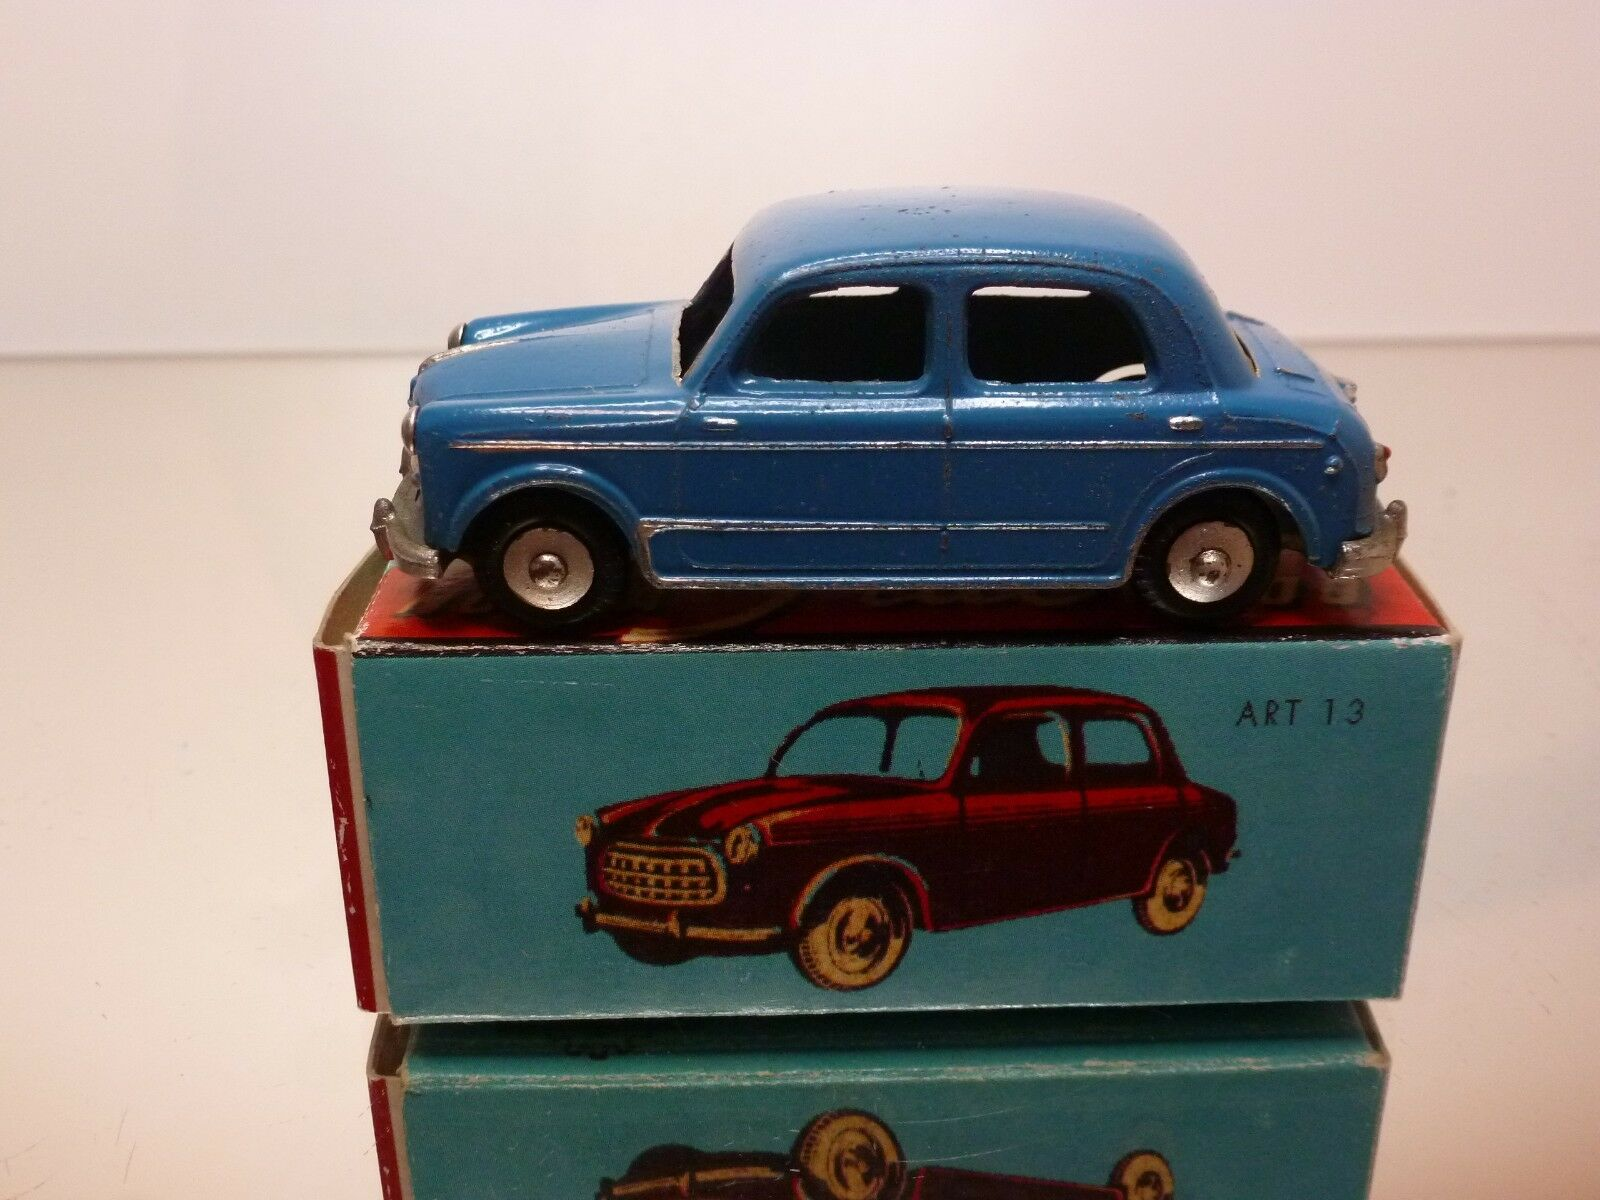 MERCURY 13 FIAT 1100 NUOVA - blu 1:43 - GOOD CONDITION IN BOX